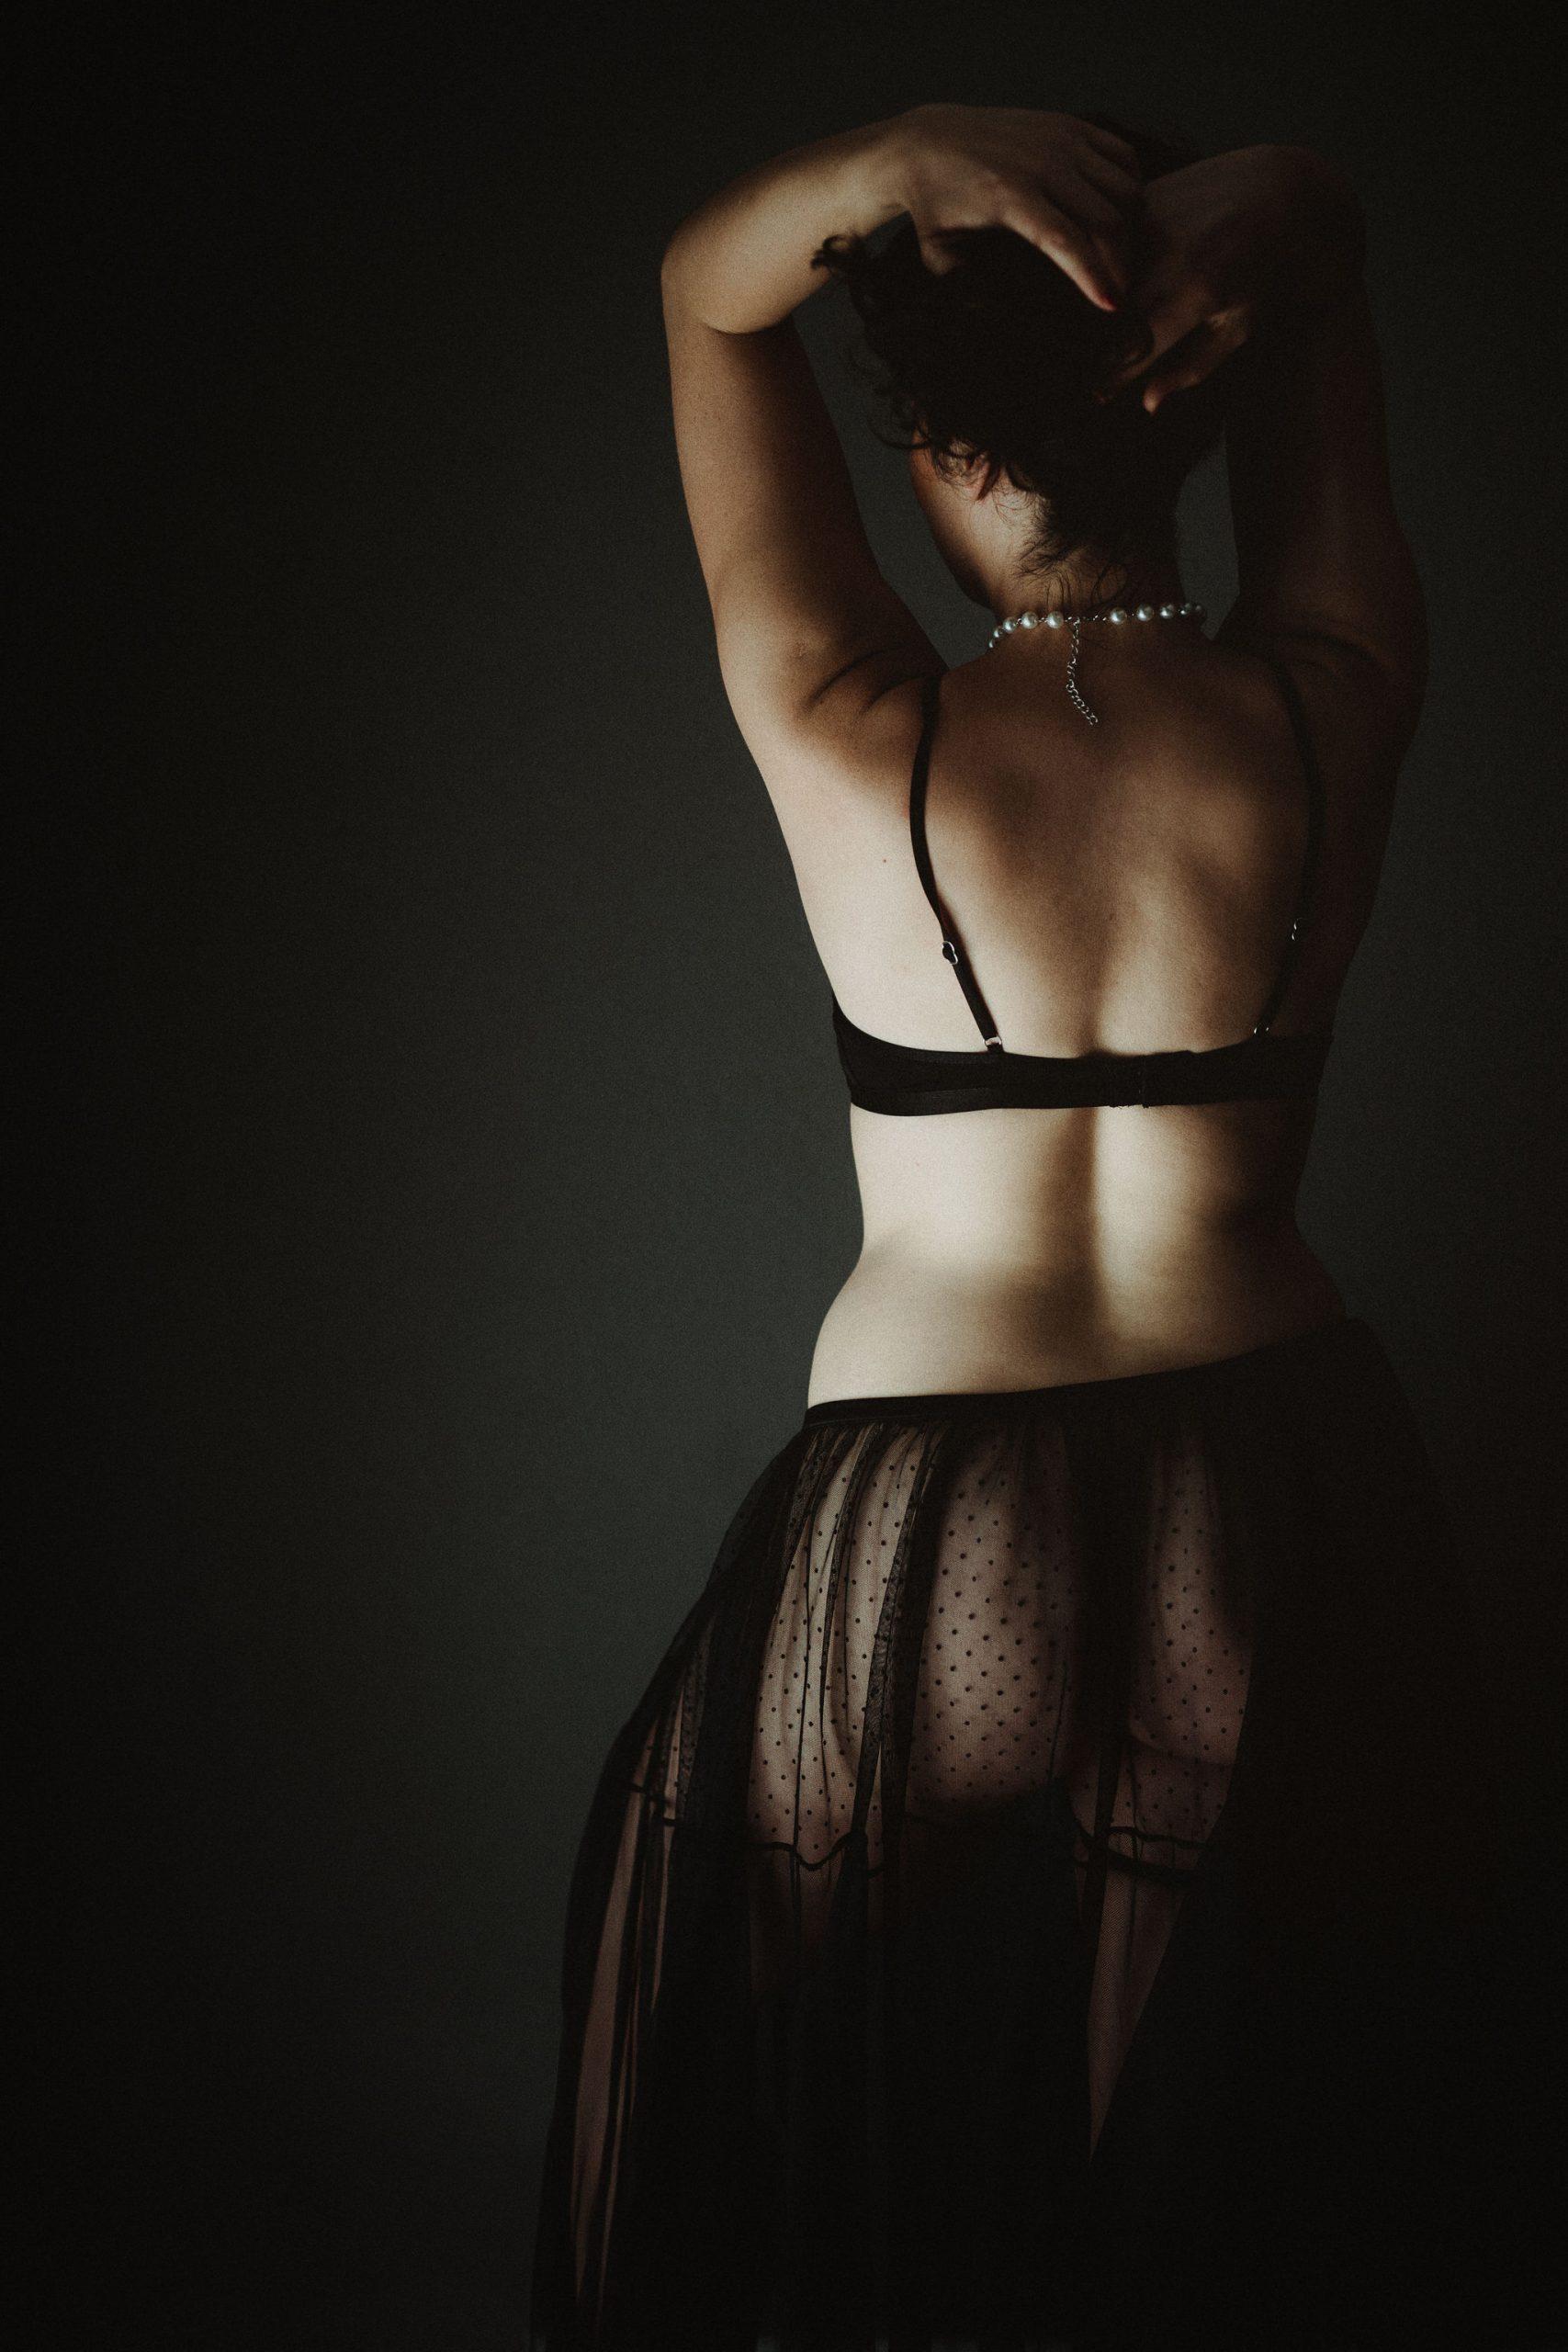 Erotitsches Fotoshooting